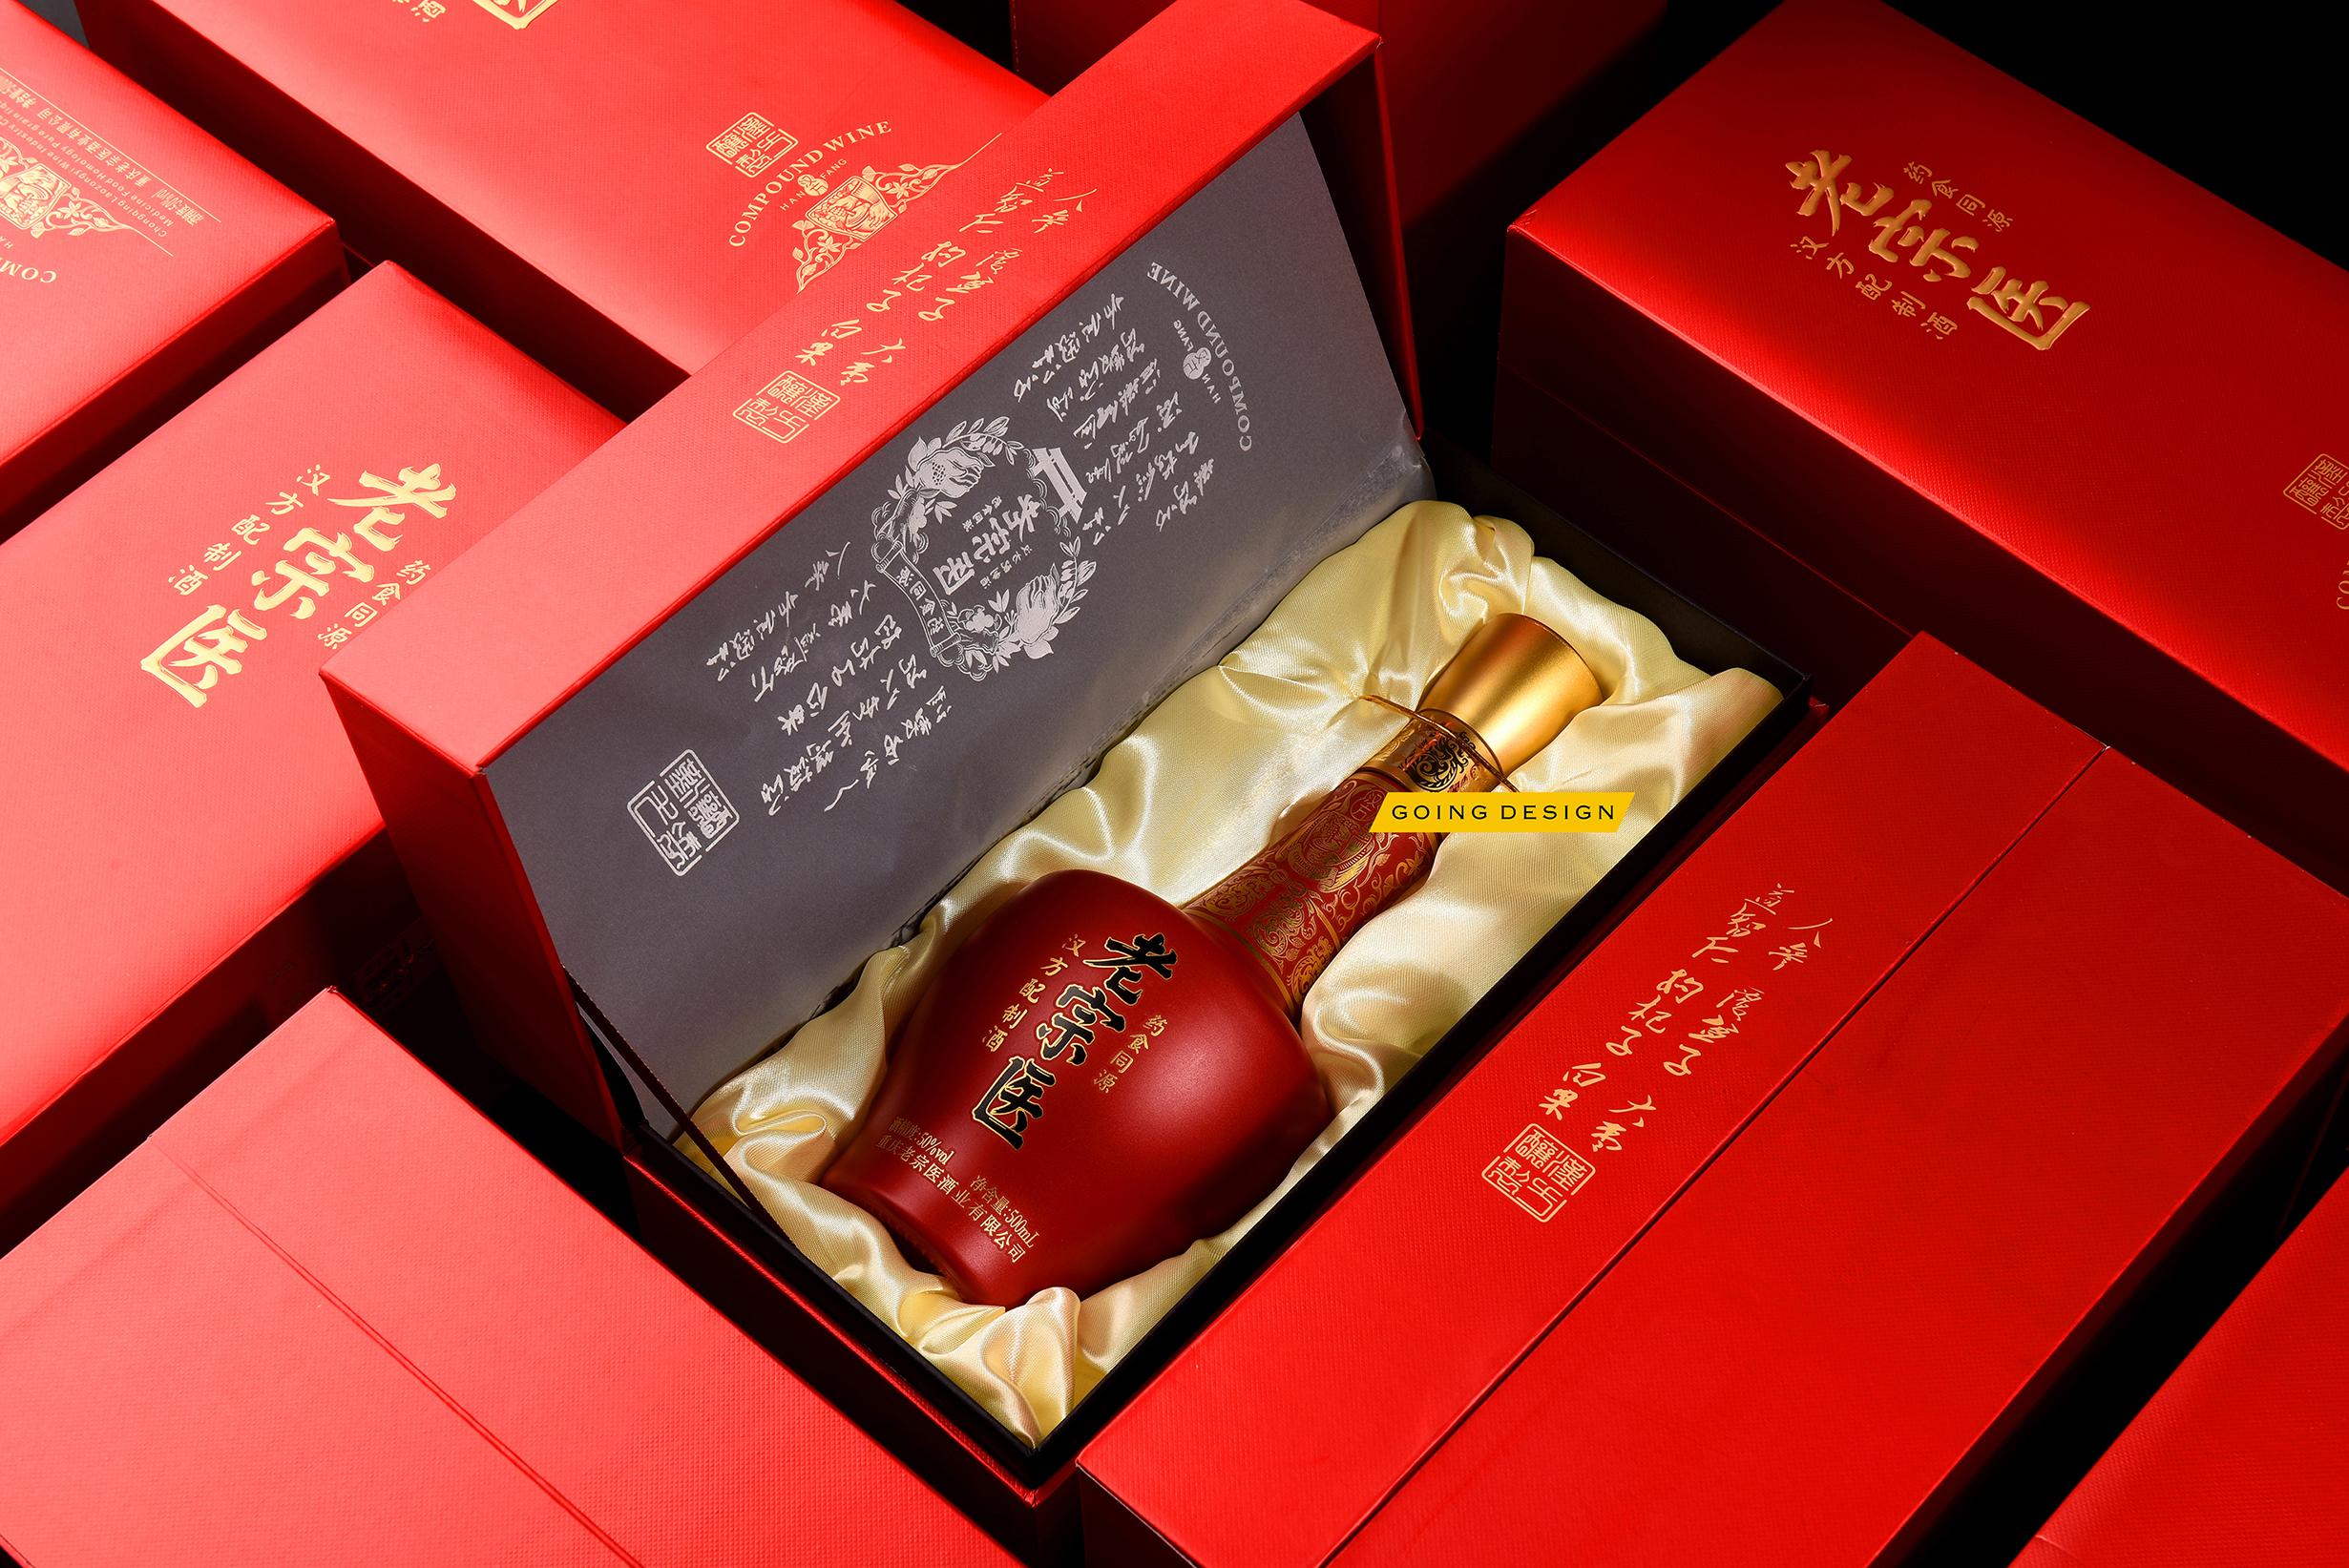 古一设计,酒水包装,红酒包装,包装设计,古一